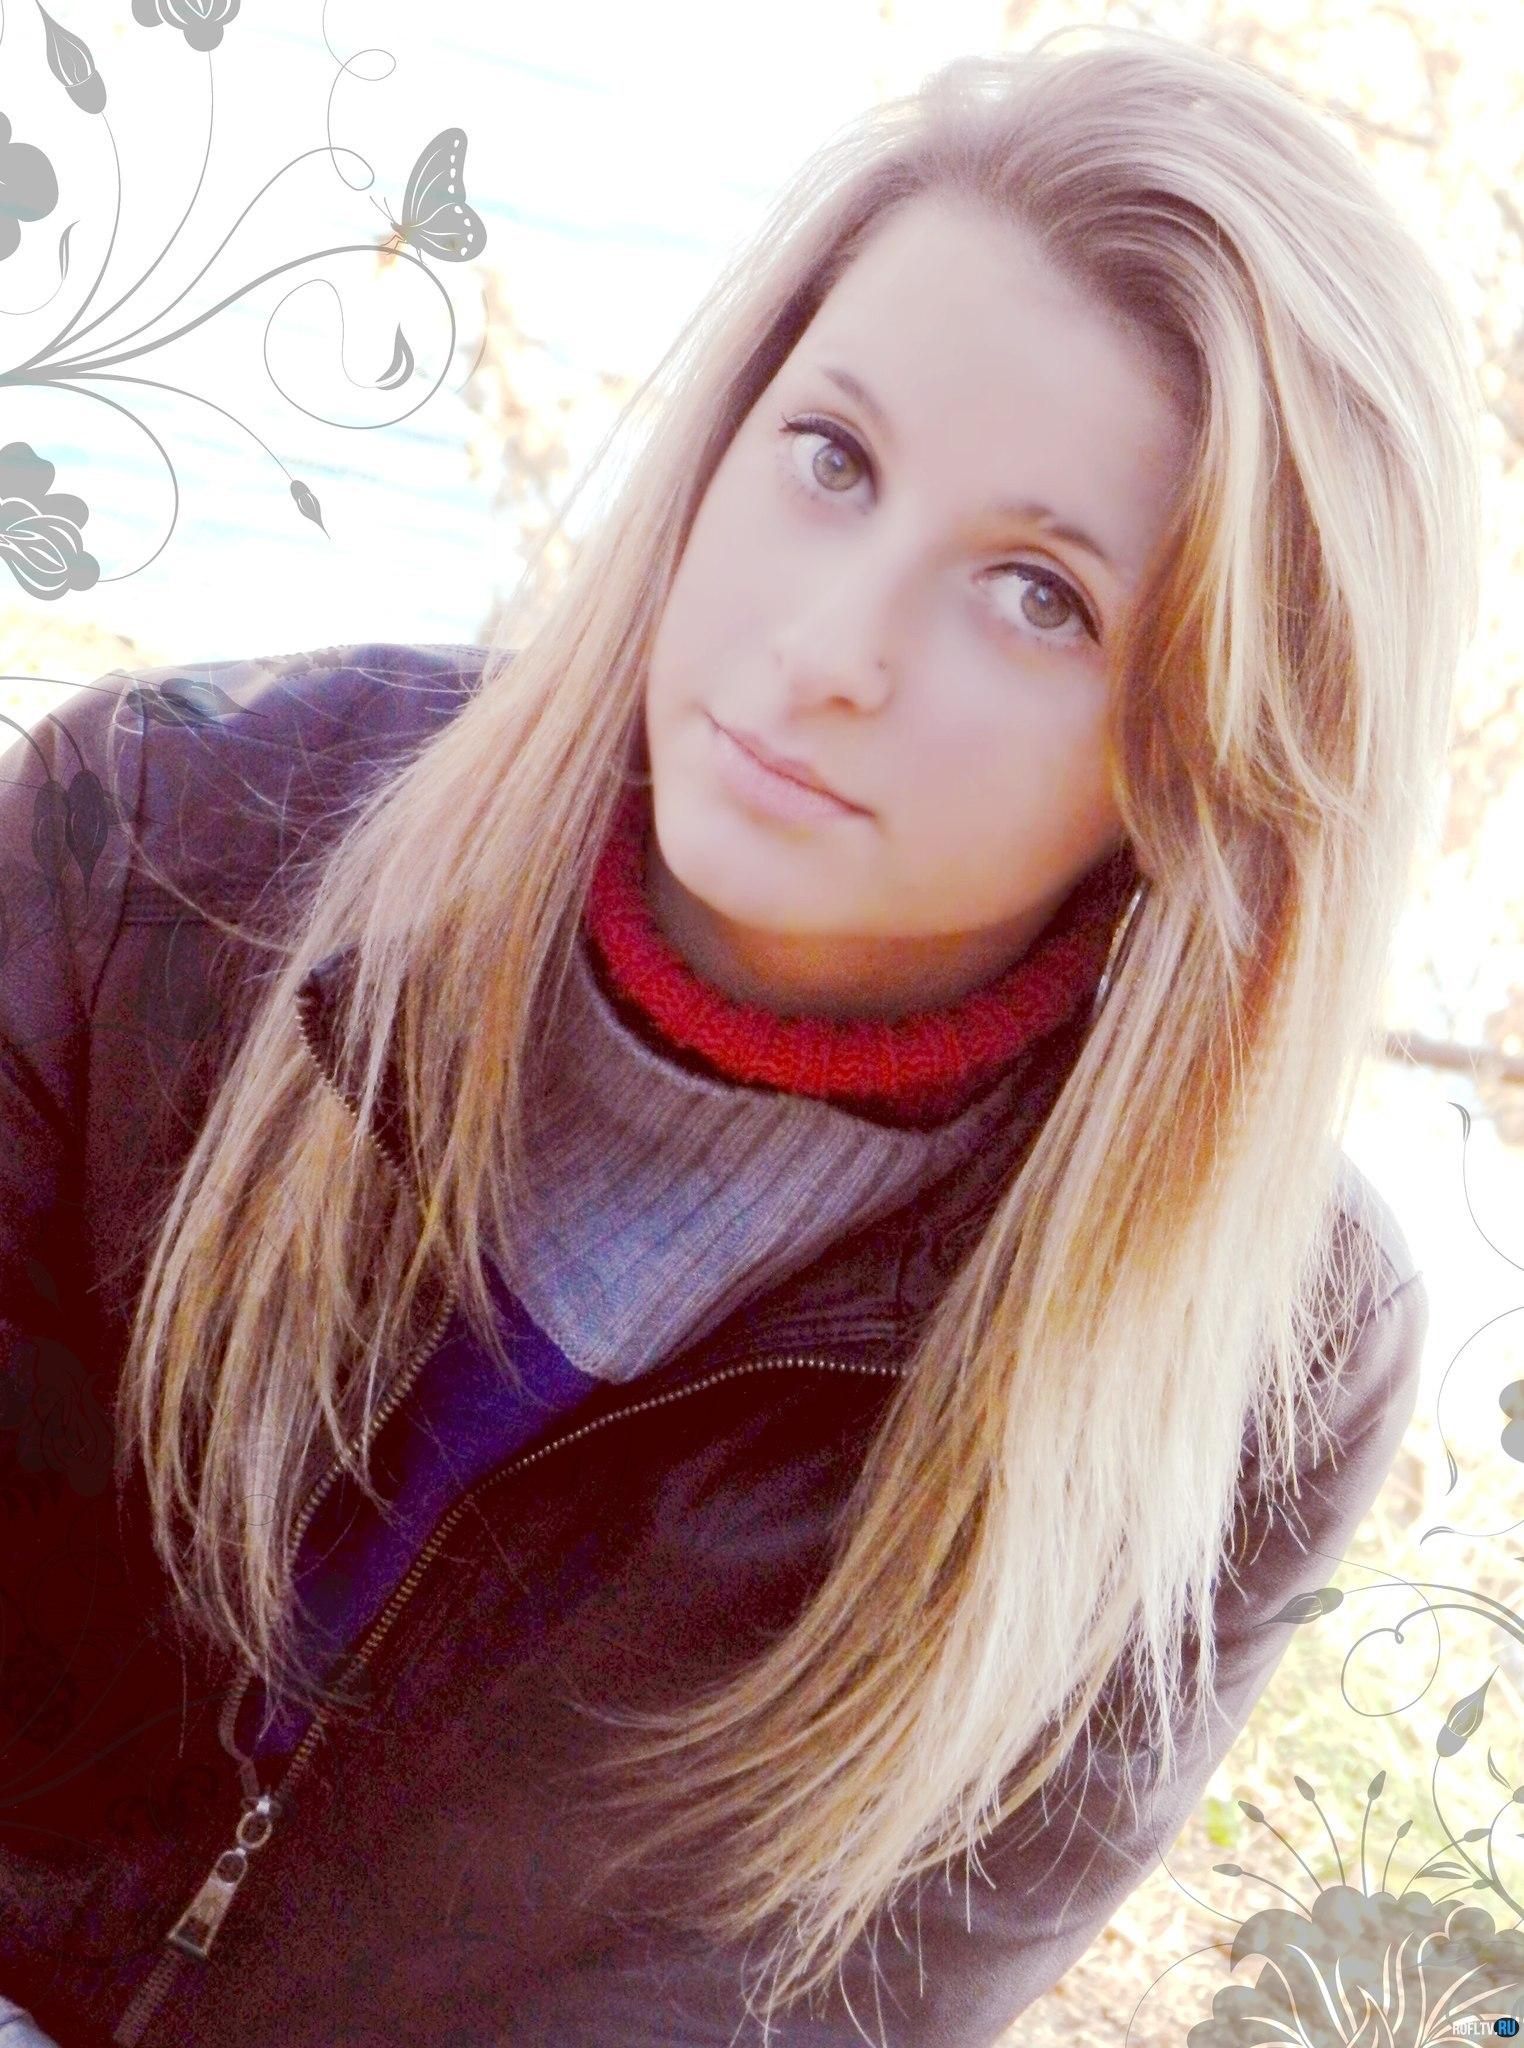 17 летние девушки фото на аву